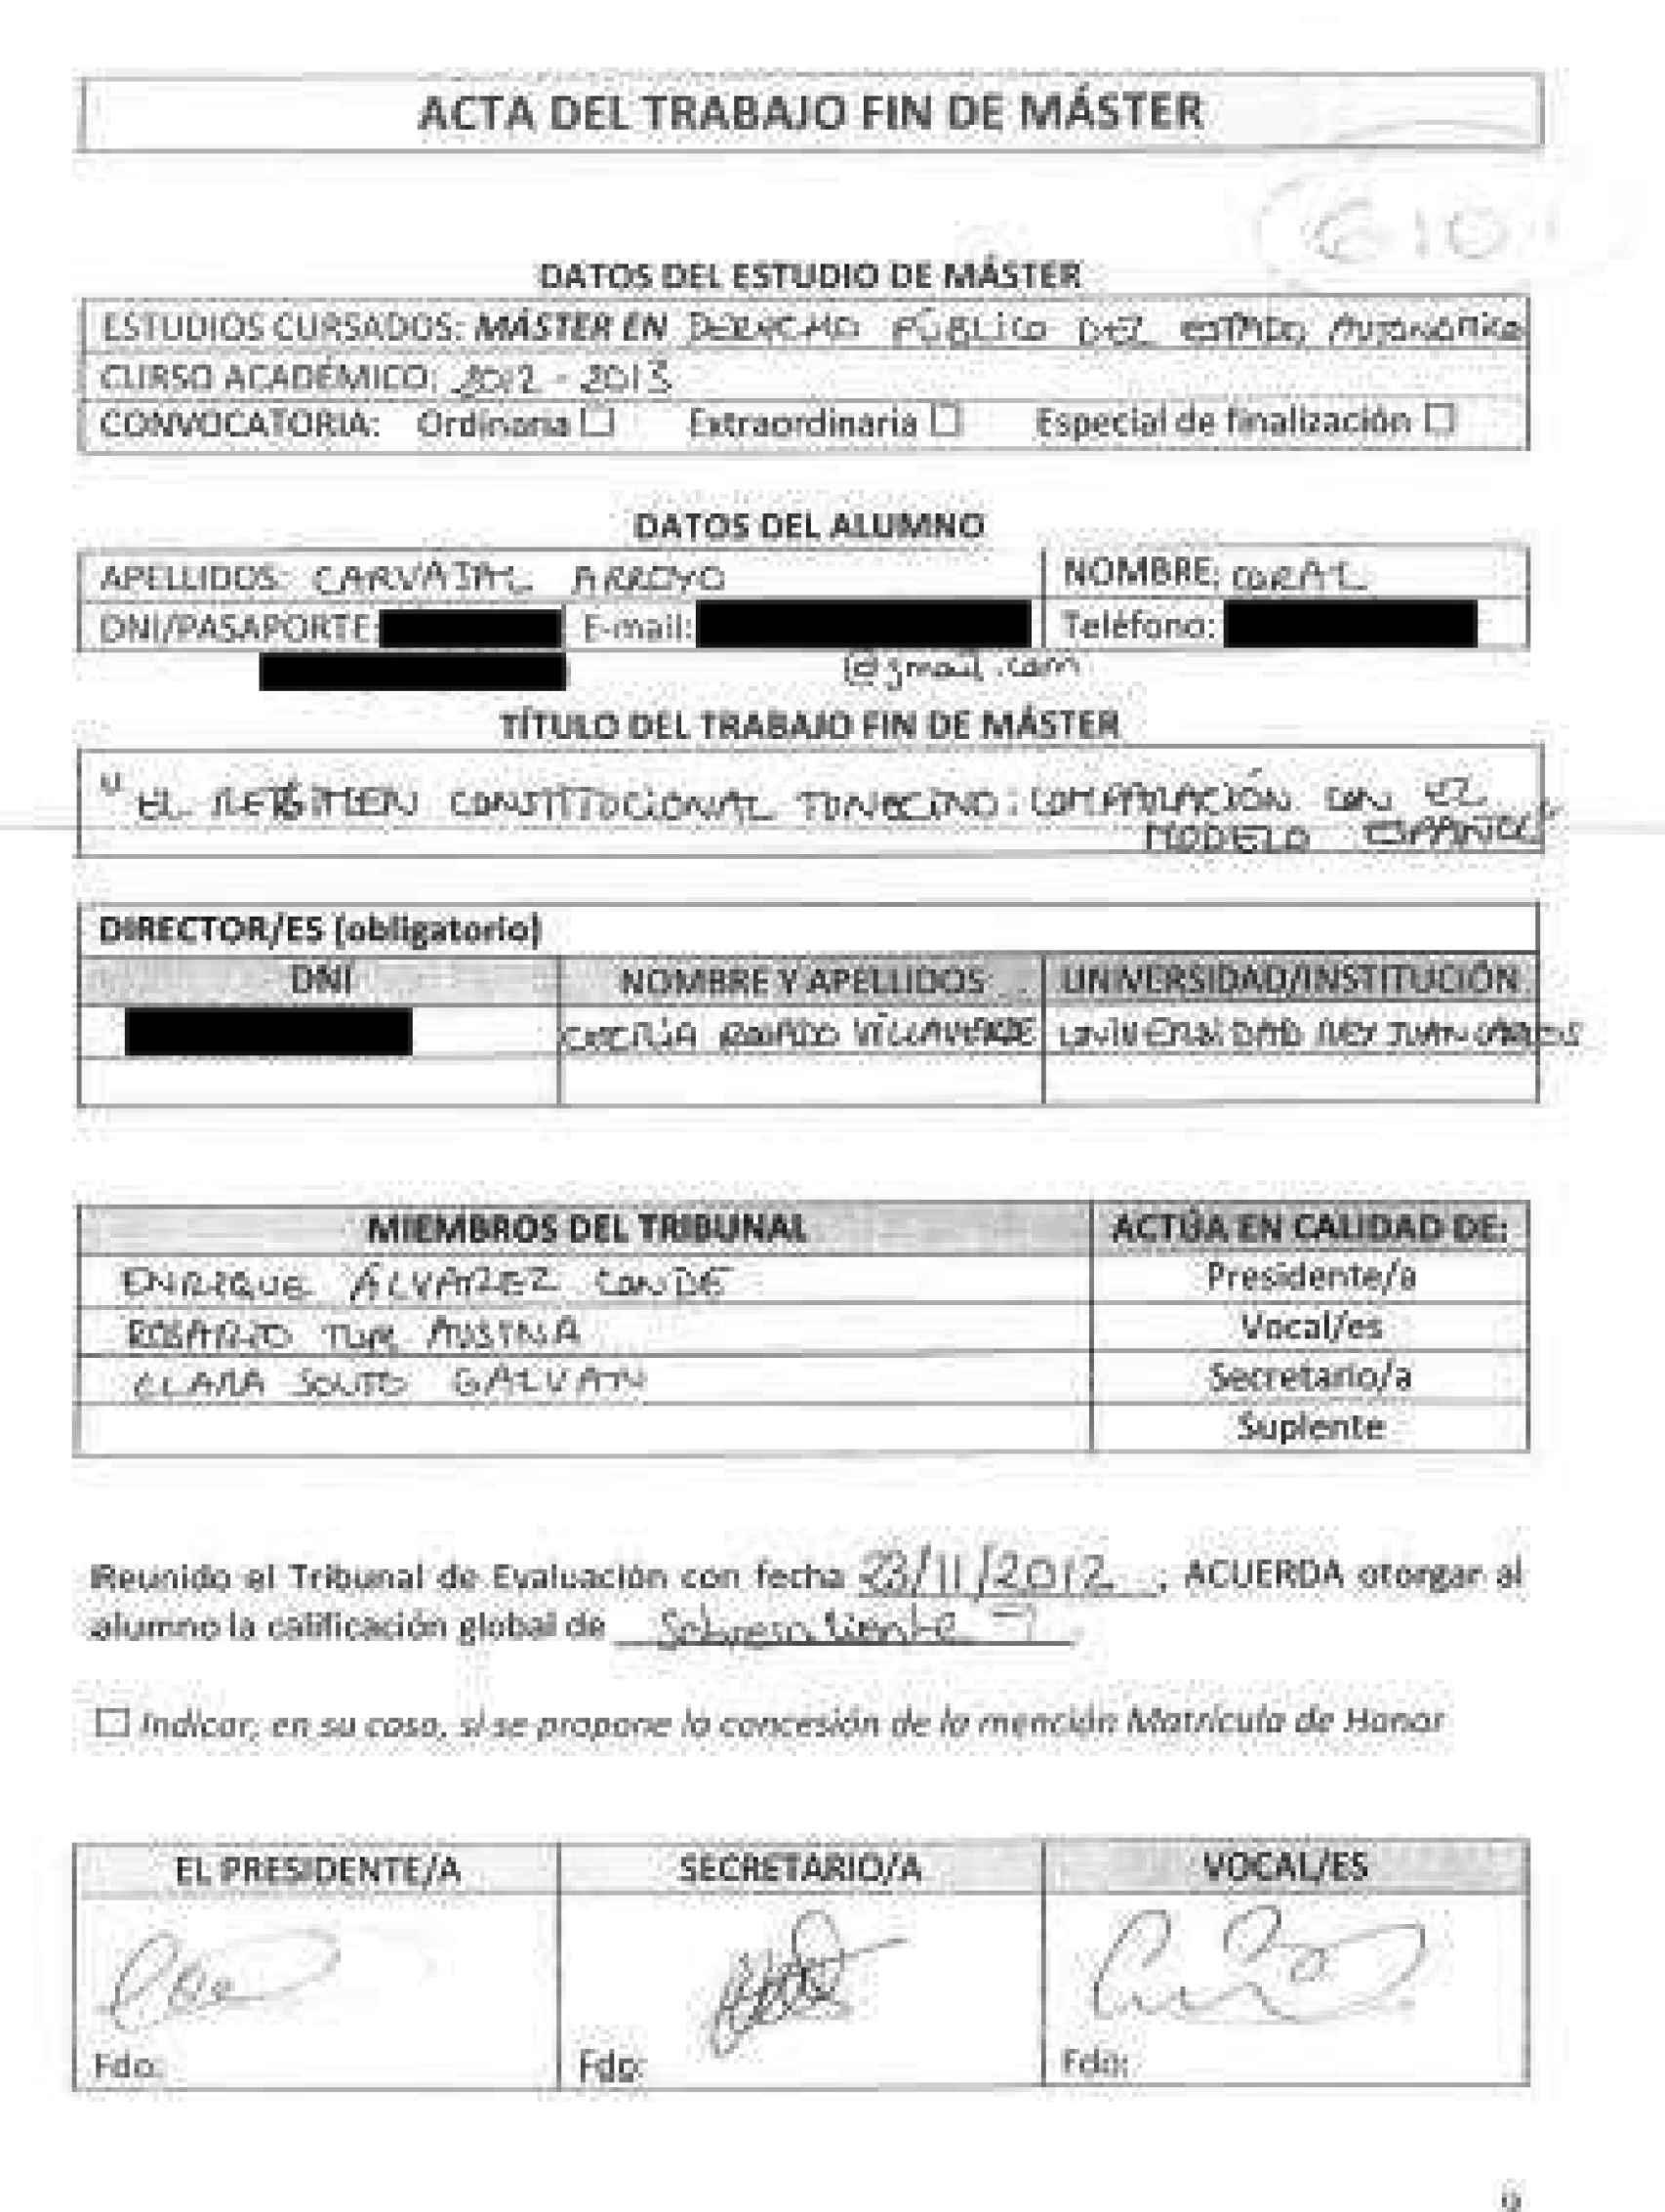 Acta del TFM./